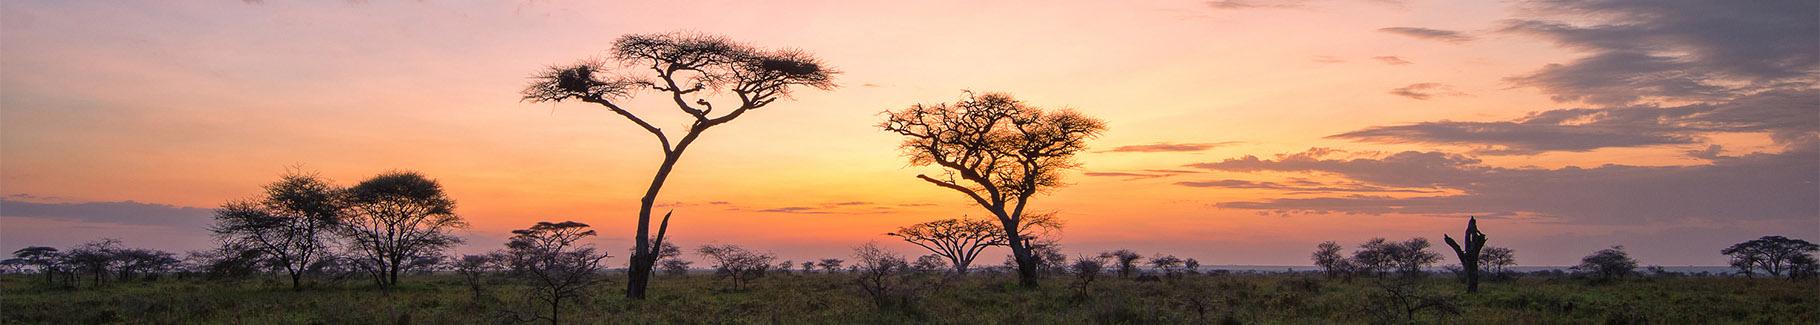 Fototapeta wschód słońca nad sawanną